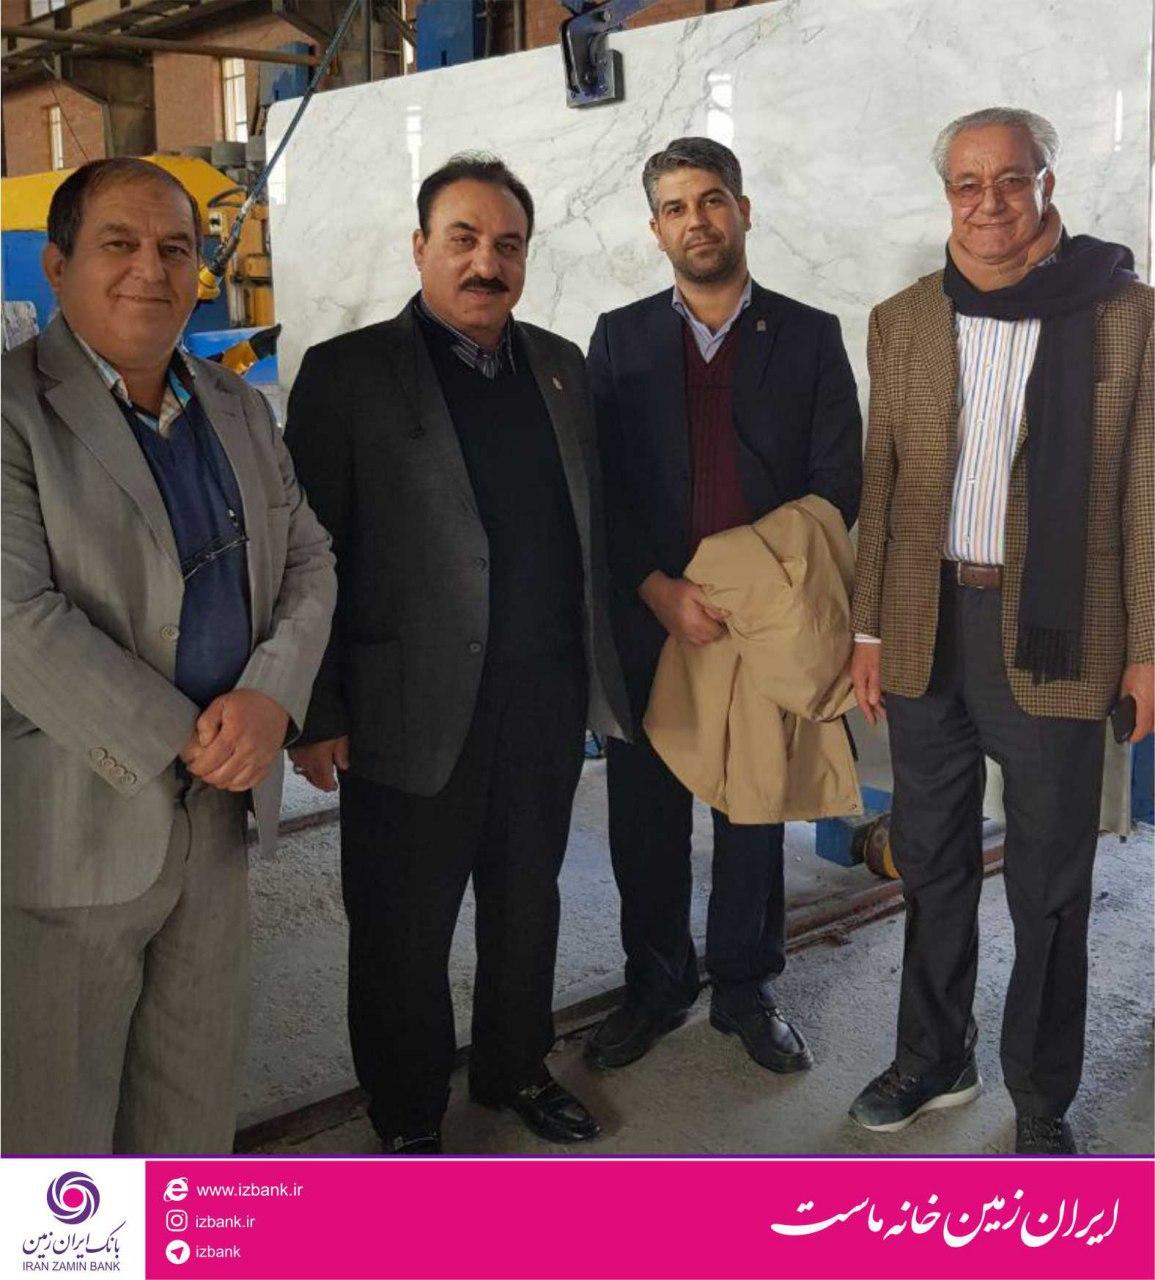 بازديد معاون عمليات بانکي بانک ايران زمين از شرکت صنايع تبديلي فراز اصفهان